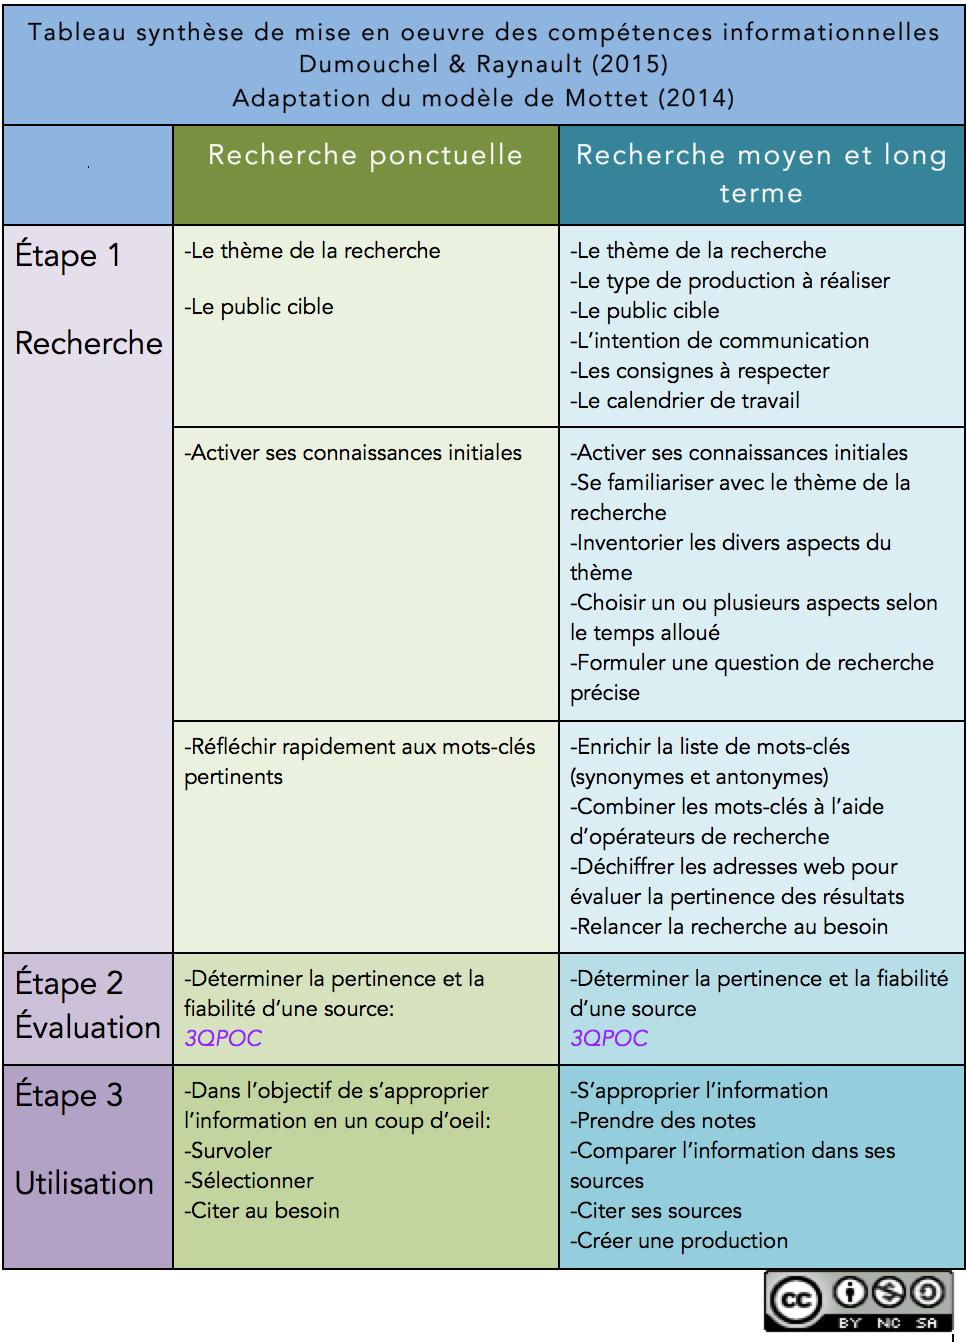 Tableau synthèse de mise en oeuvre des compétences informationnelles de Dumouchel et Raynault (2015)